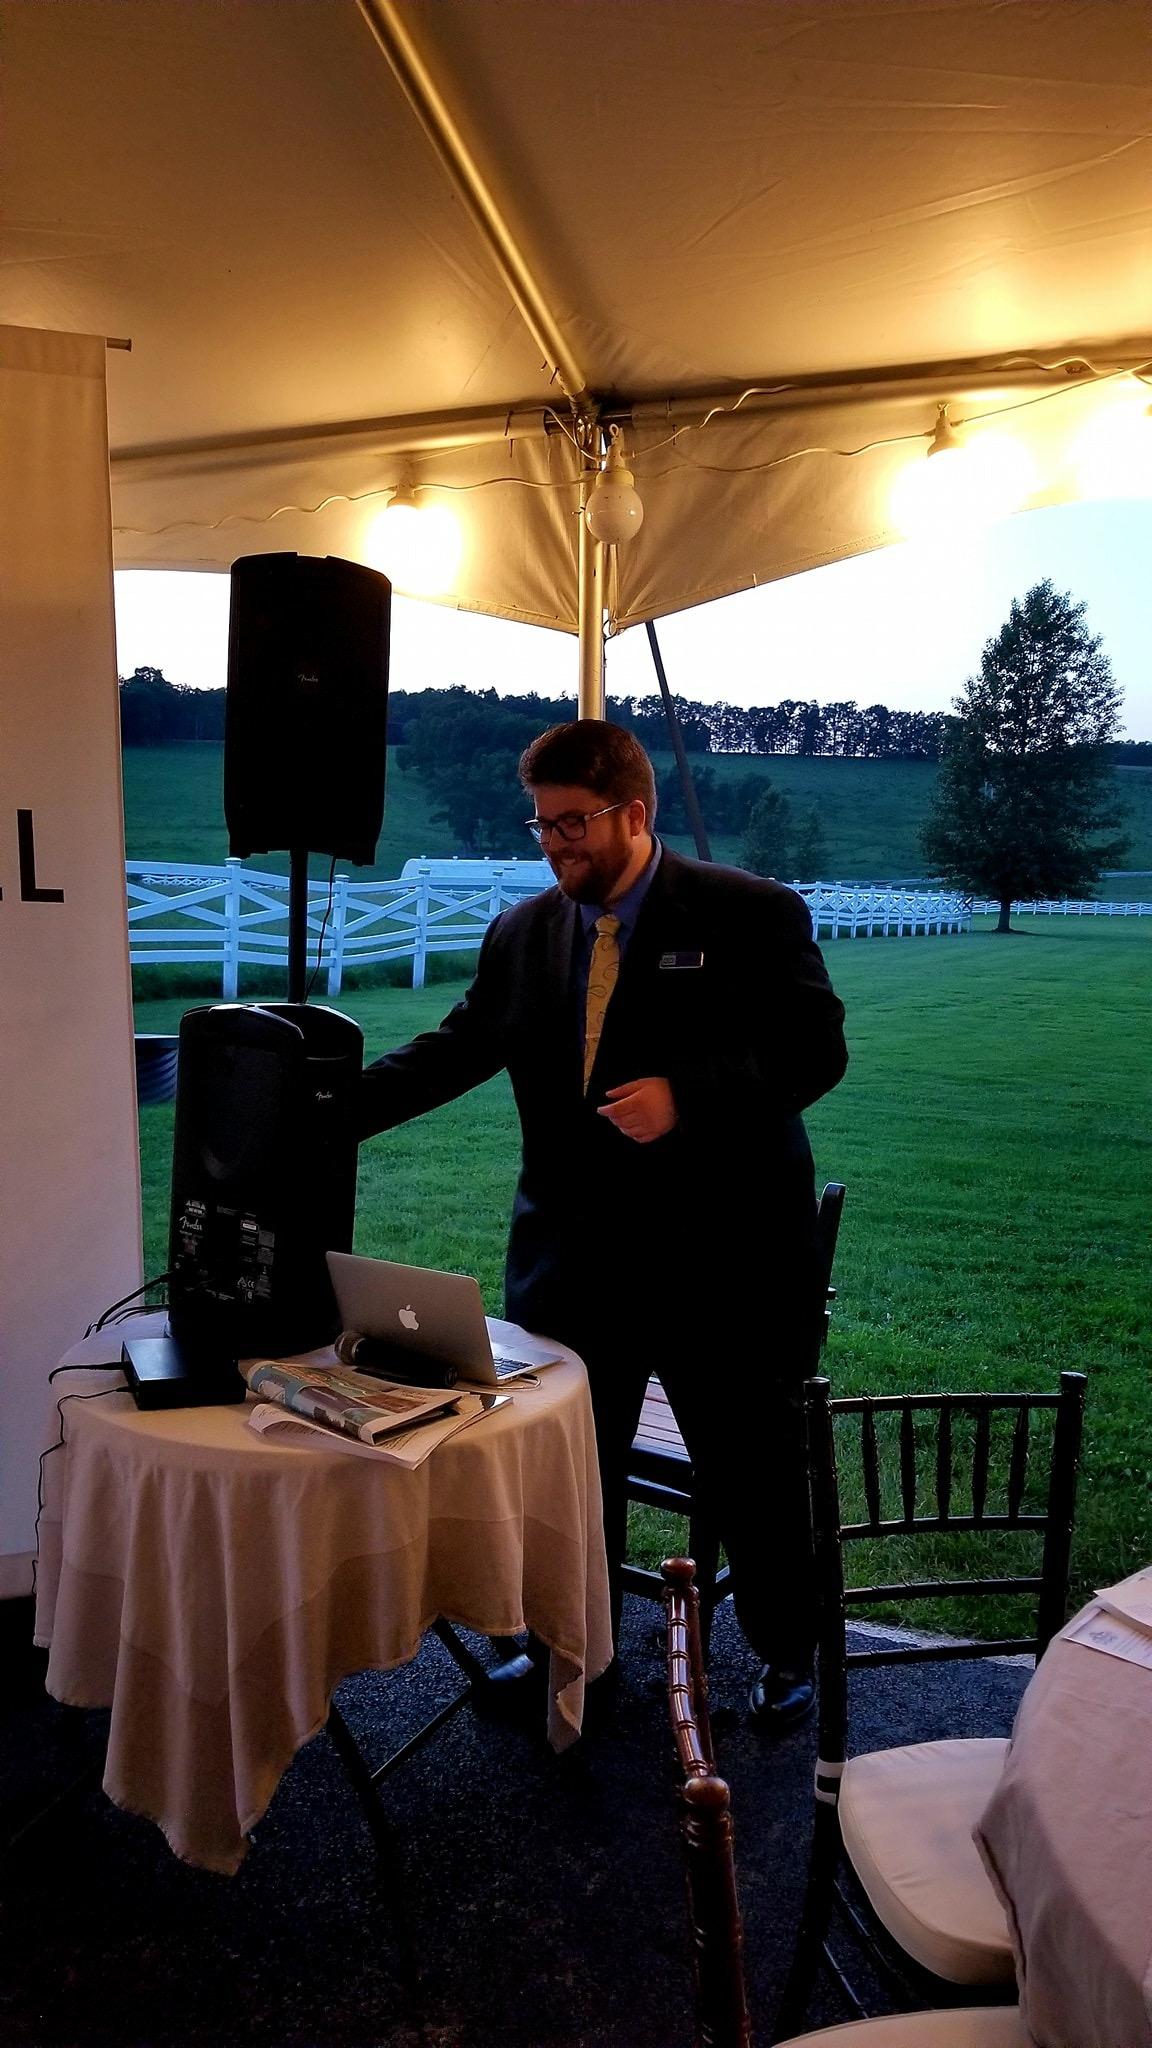 Norman Networking - Outdoor Wedding